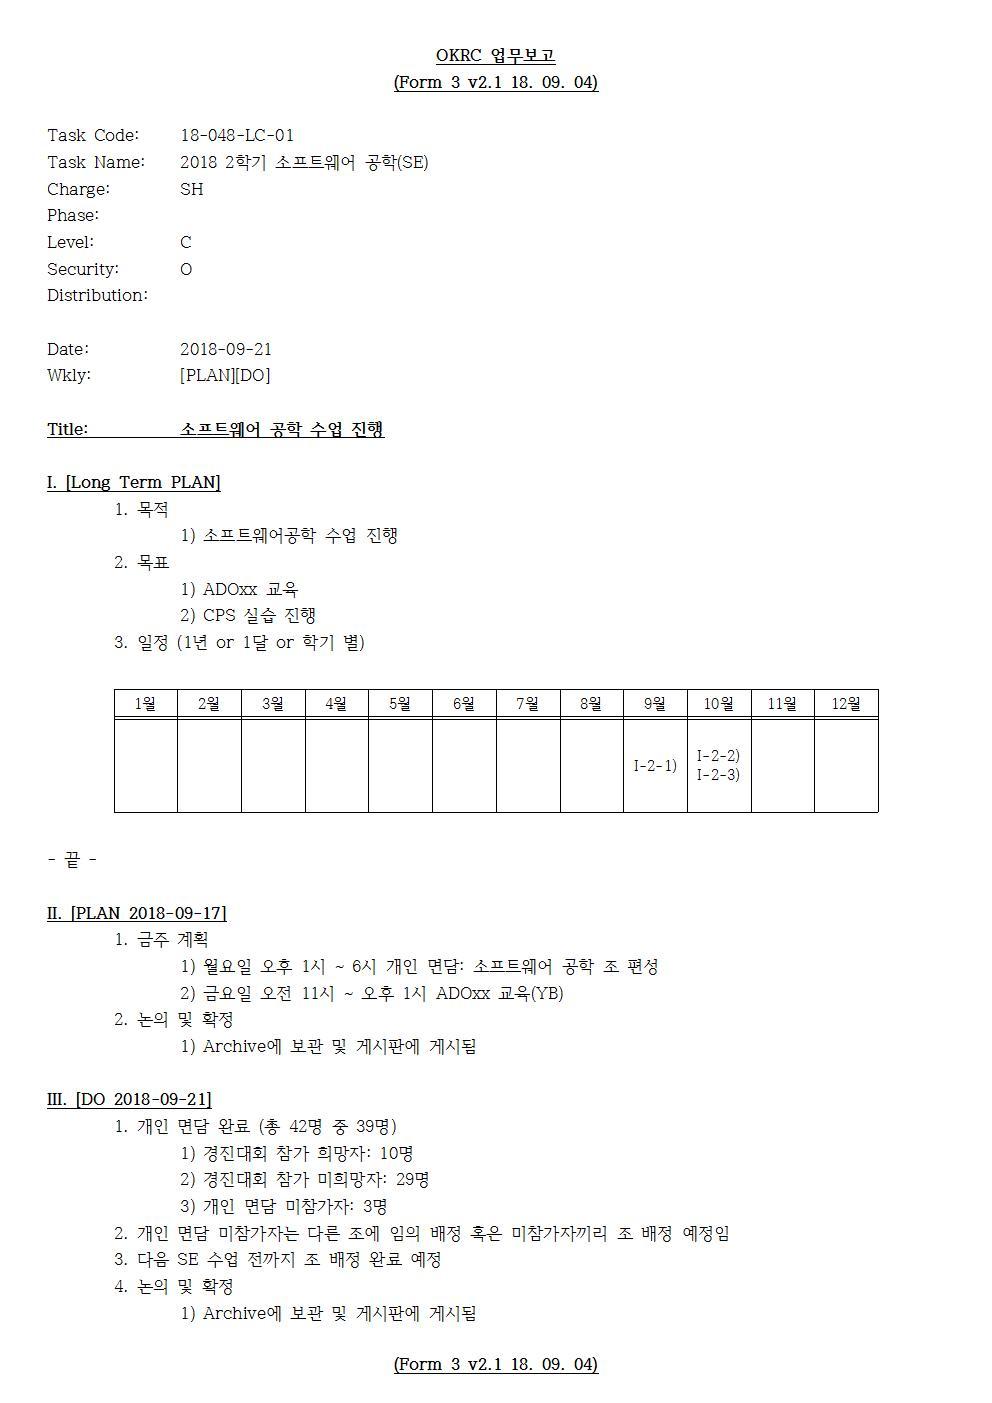 D-[18-048-LC-01]-[SE]-[2018-09-21][SH]001.jpg